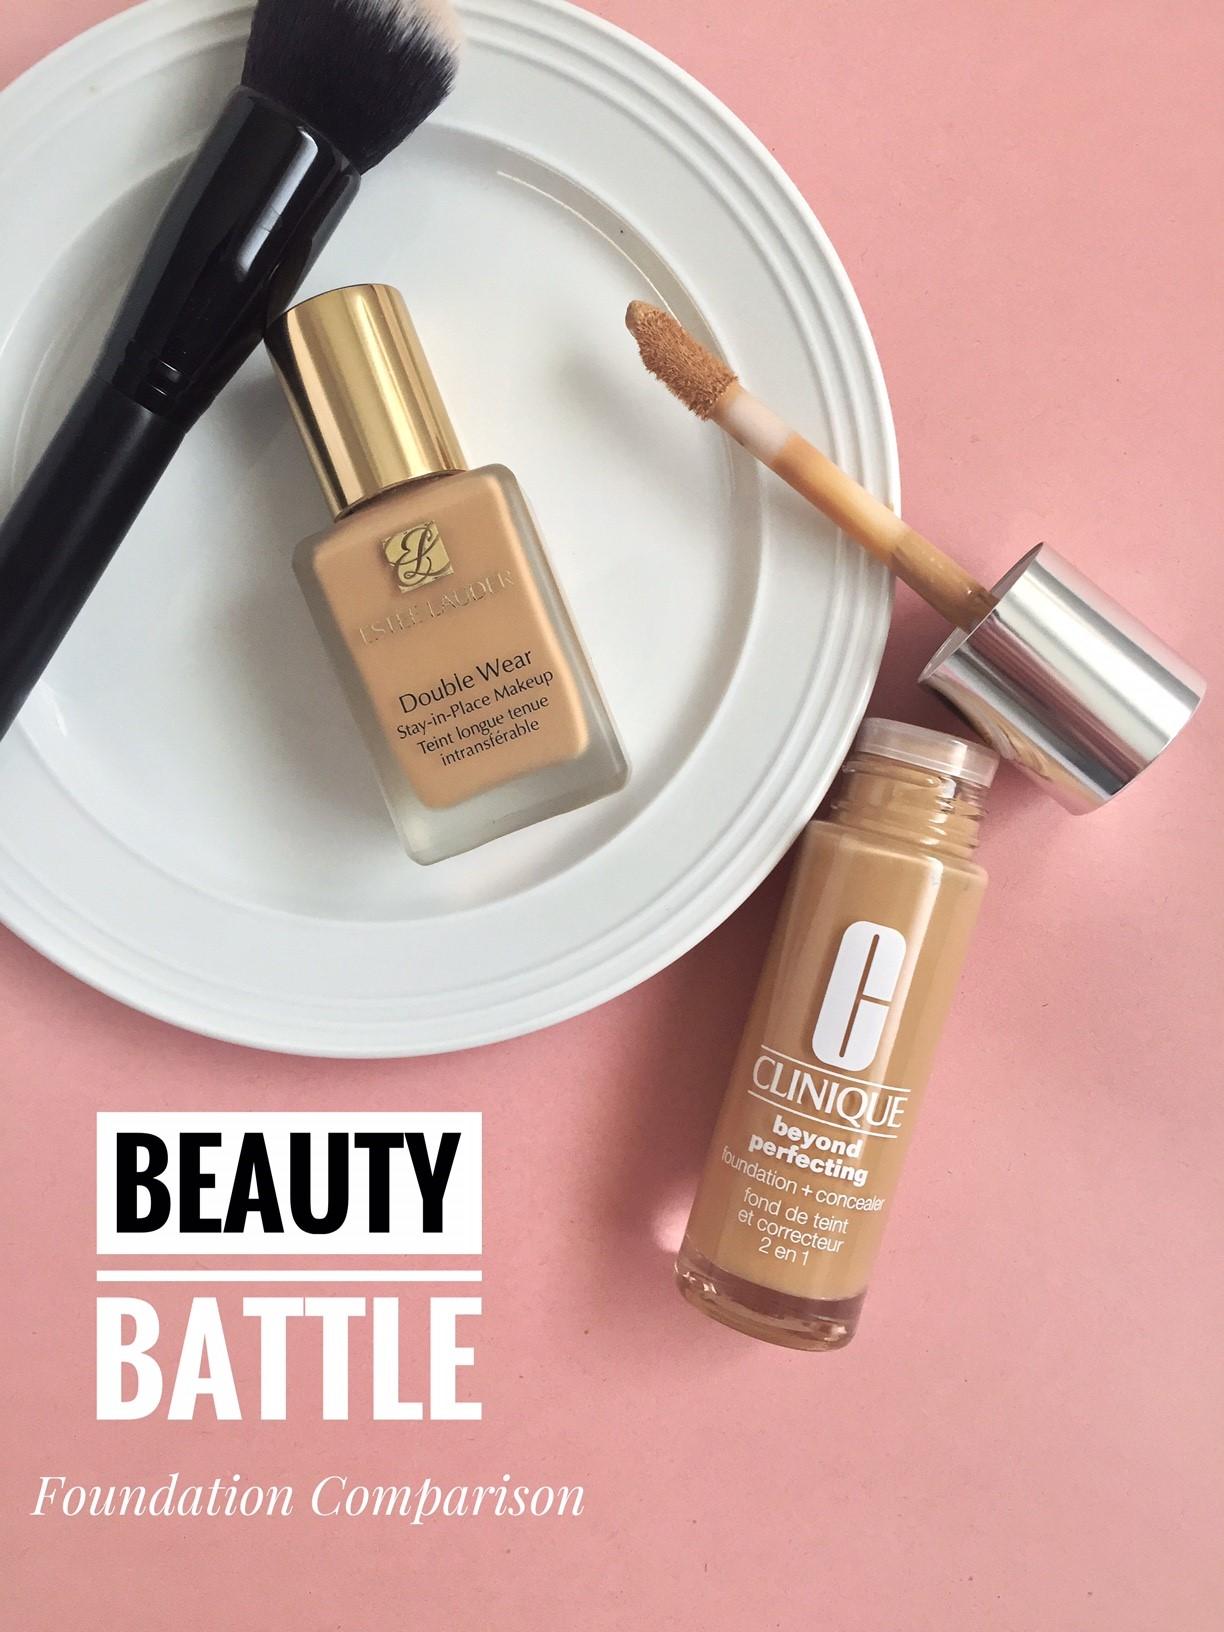 Beauty Battle Estee Lauder Double Wear Tawny 3w1 Vs Clinique Beyond Perfecting 08 Golden Neutral Review Comparison Views In Pixels